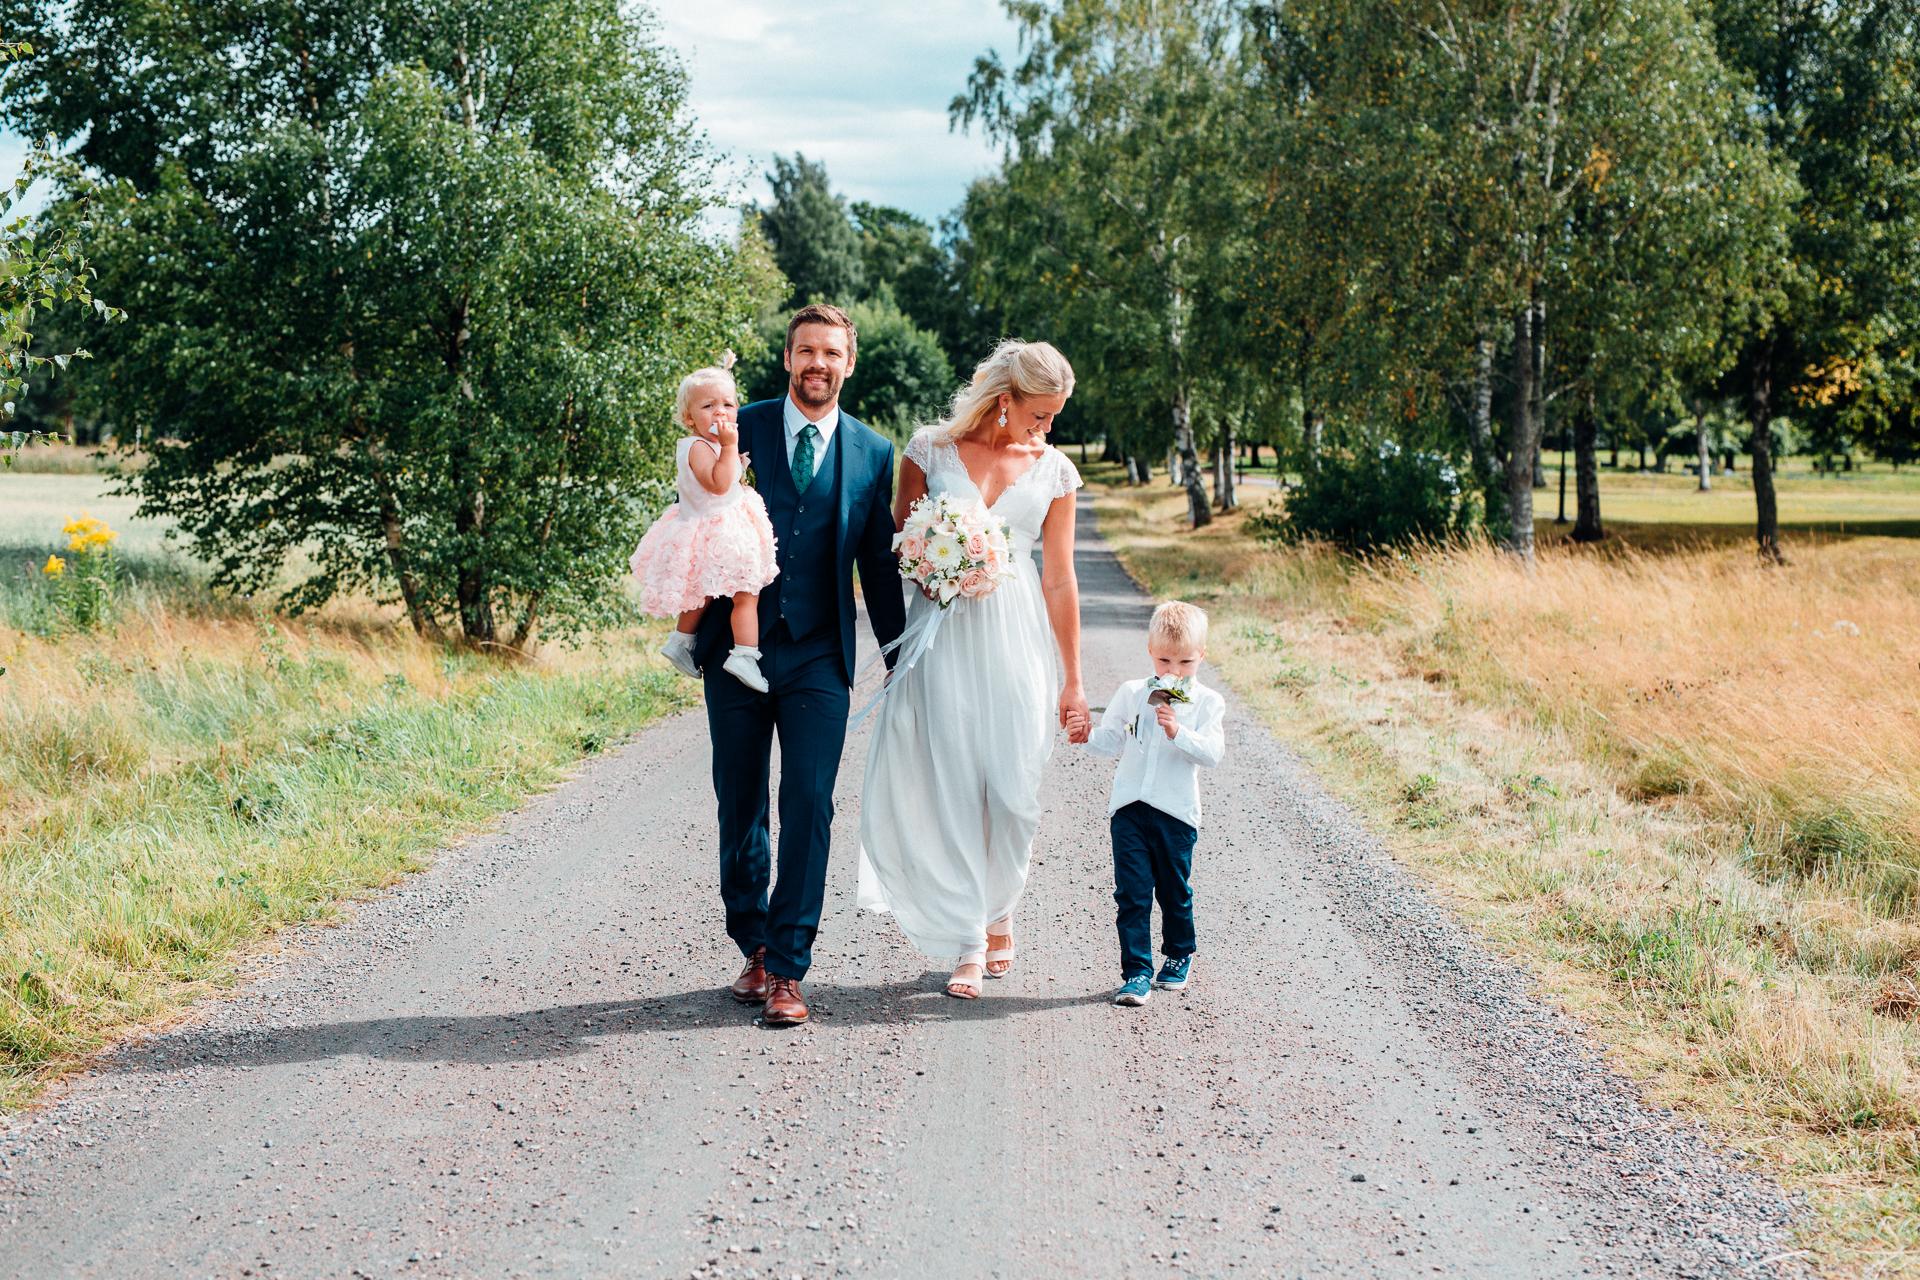 Hela familjen. Josefin och Jimmy gifte sig den 5 augusti 2017 i Norrstrands kyrka. Fotograferades av bröllopsfotografen Sofia Röjder / Lyckliga Stunder